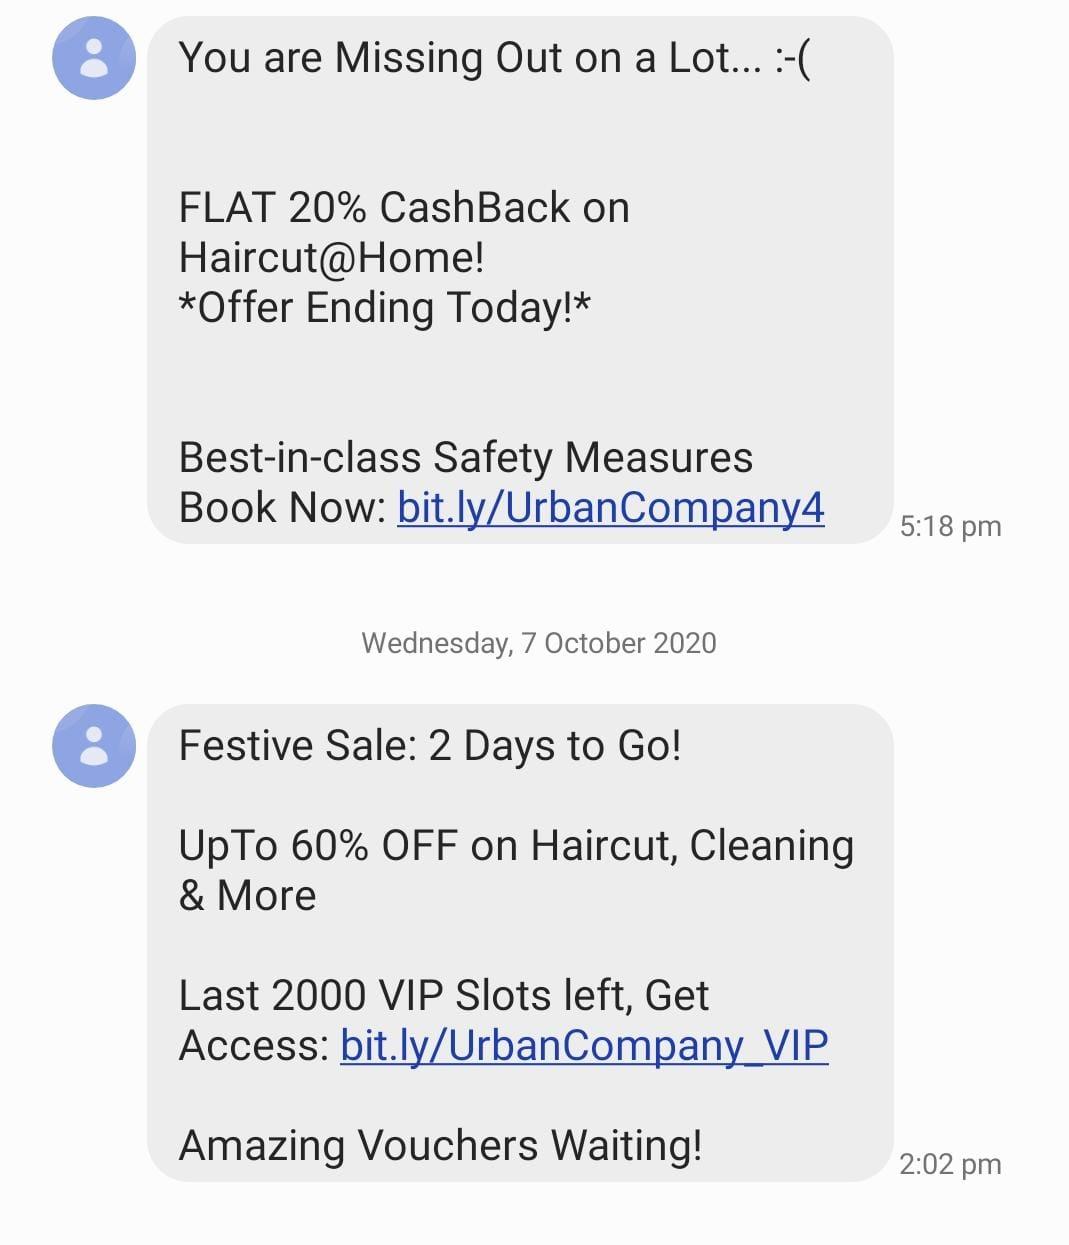 Myntra's SMS marketing